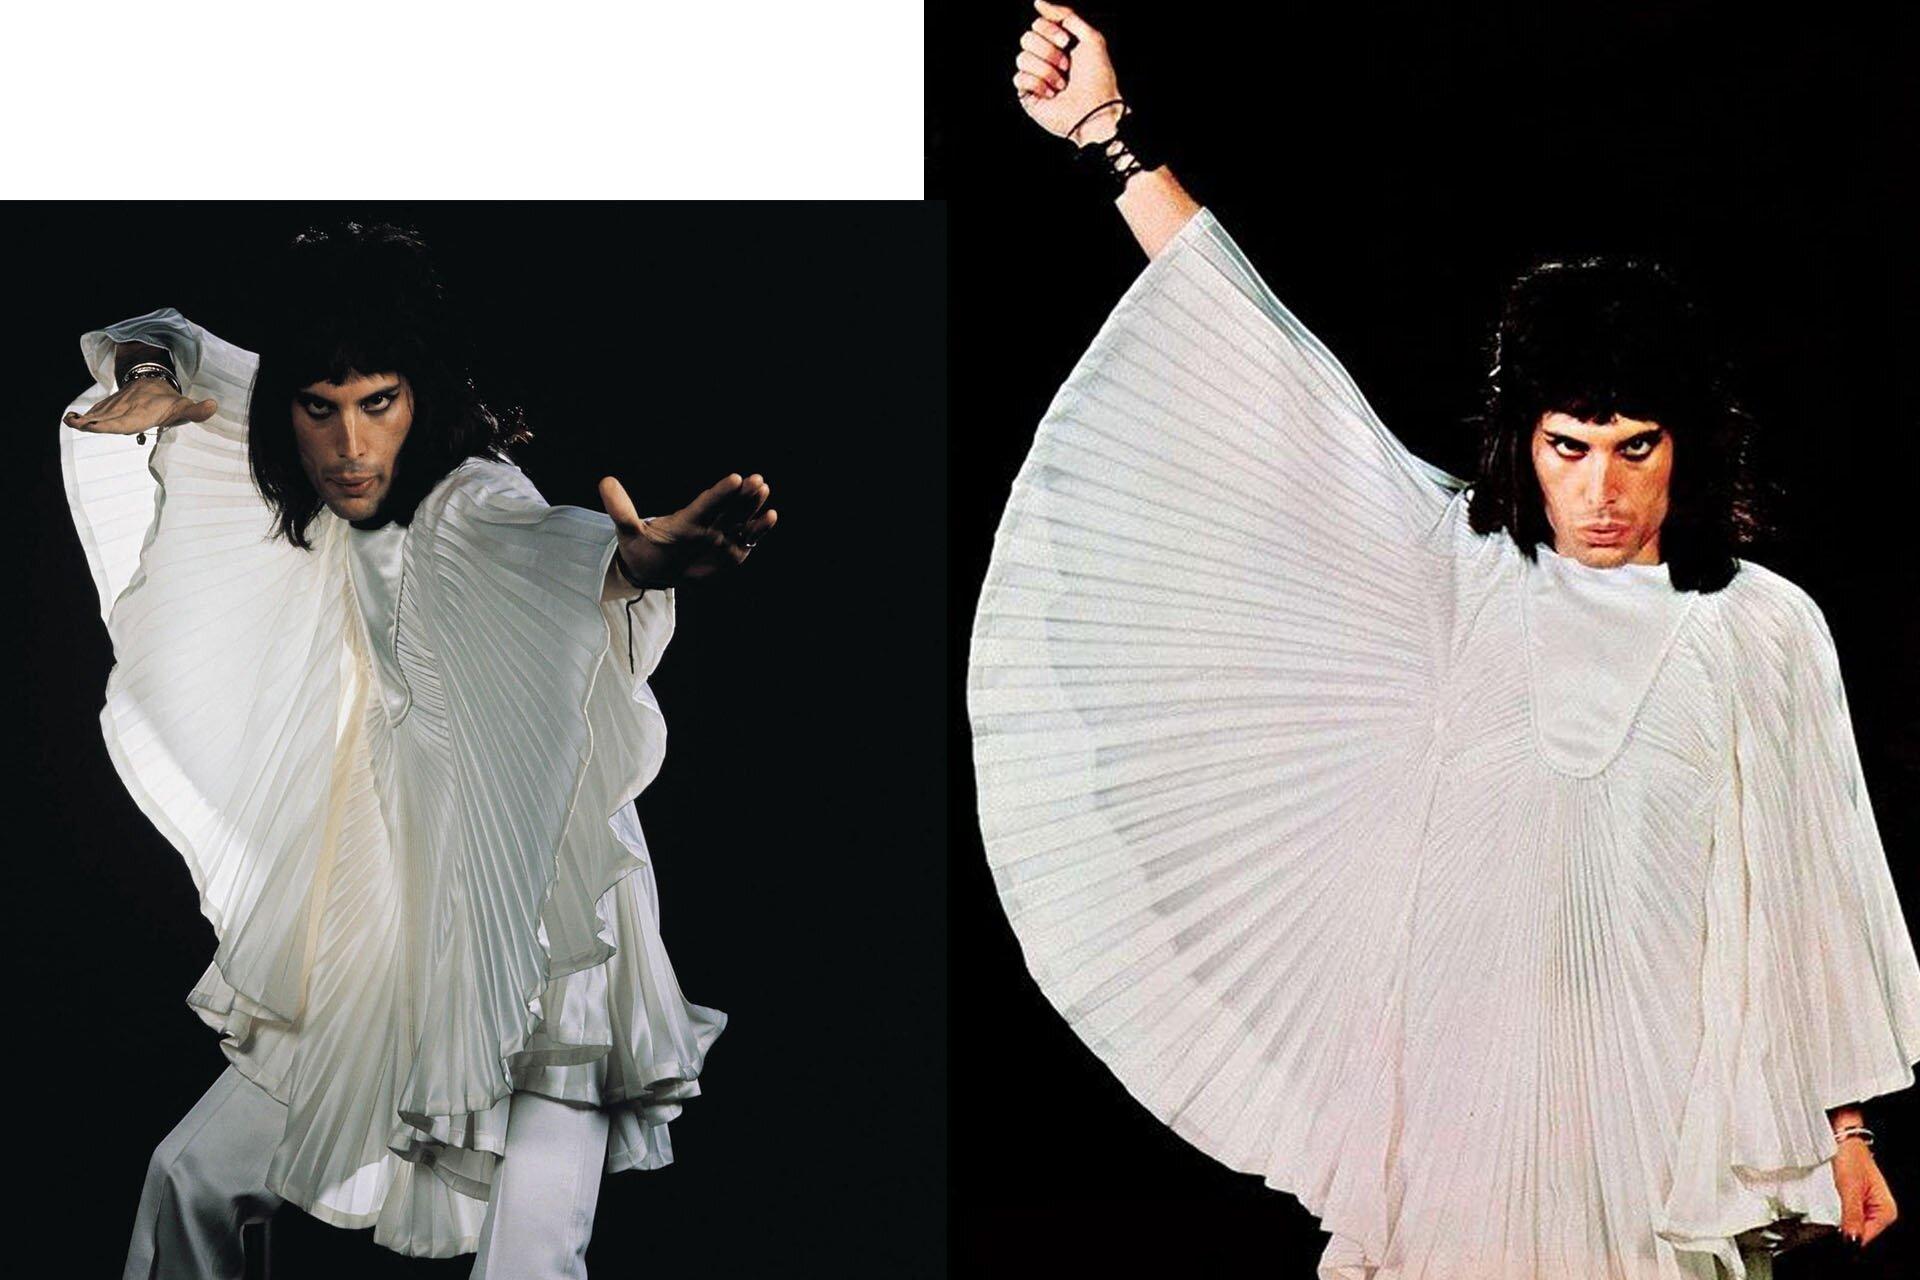 Wszyscy powinniśmy ubierać się jak Freddie, Freddie Mercury, Stylizacje Queen, Stylizacje Freddie, Biały kostium, 10 przełomowych wcieleń modowych Freddiego